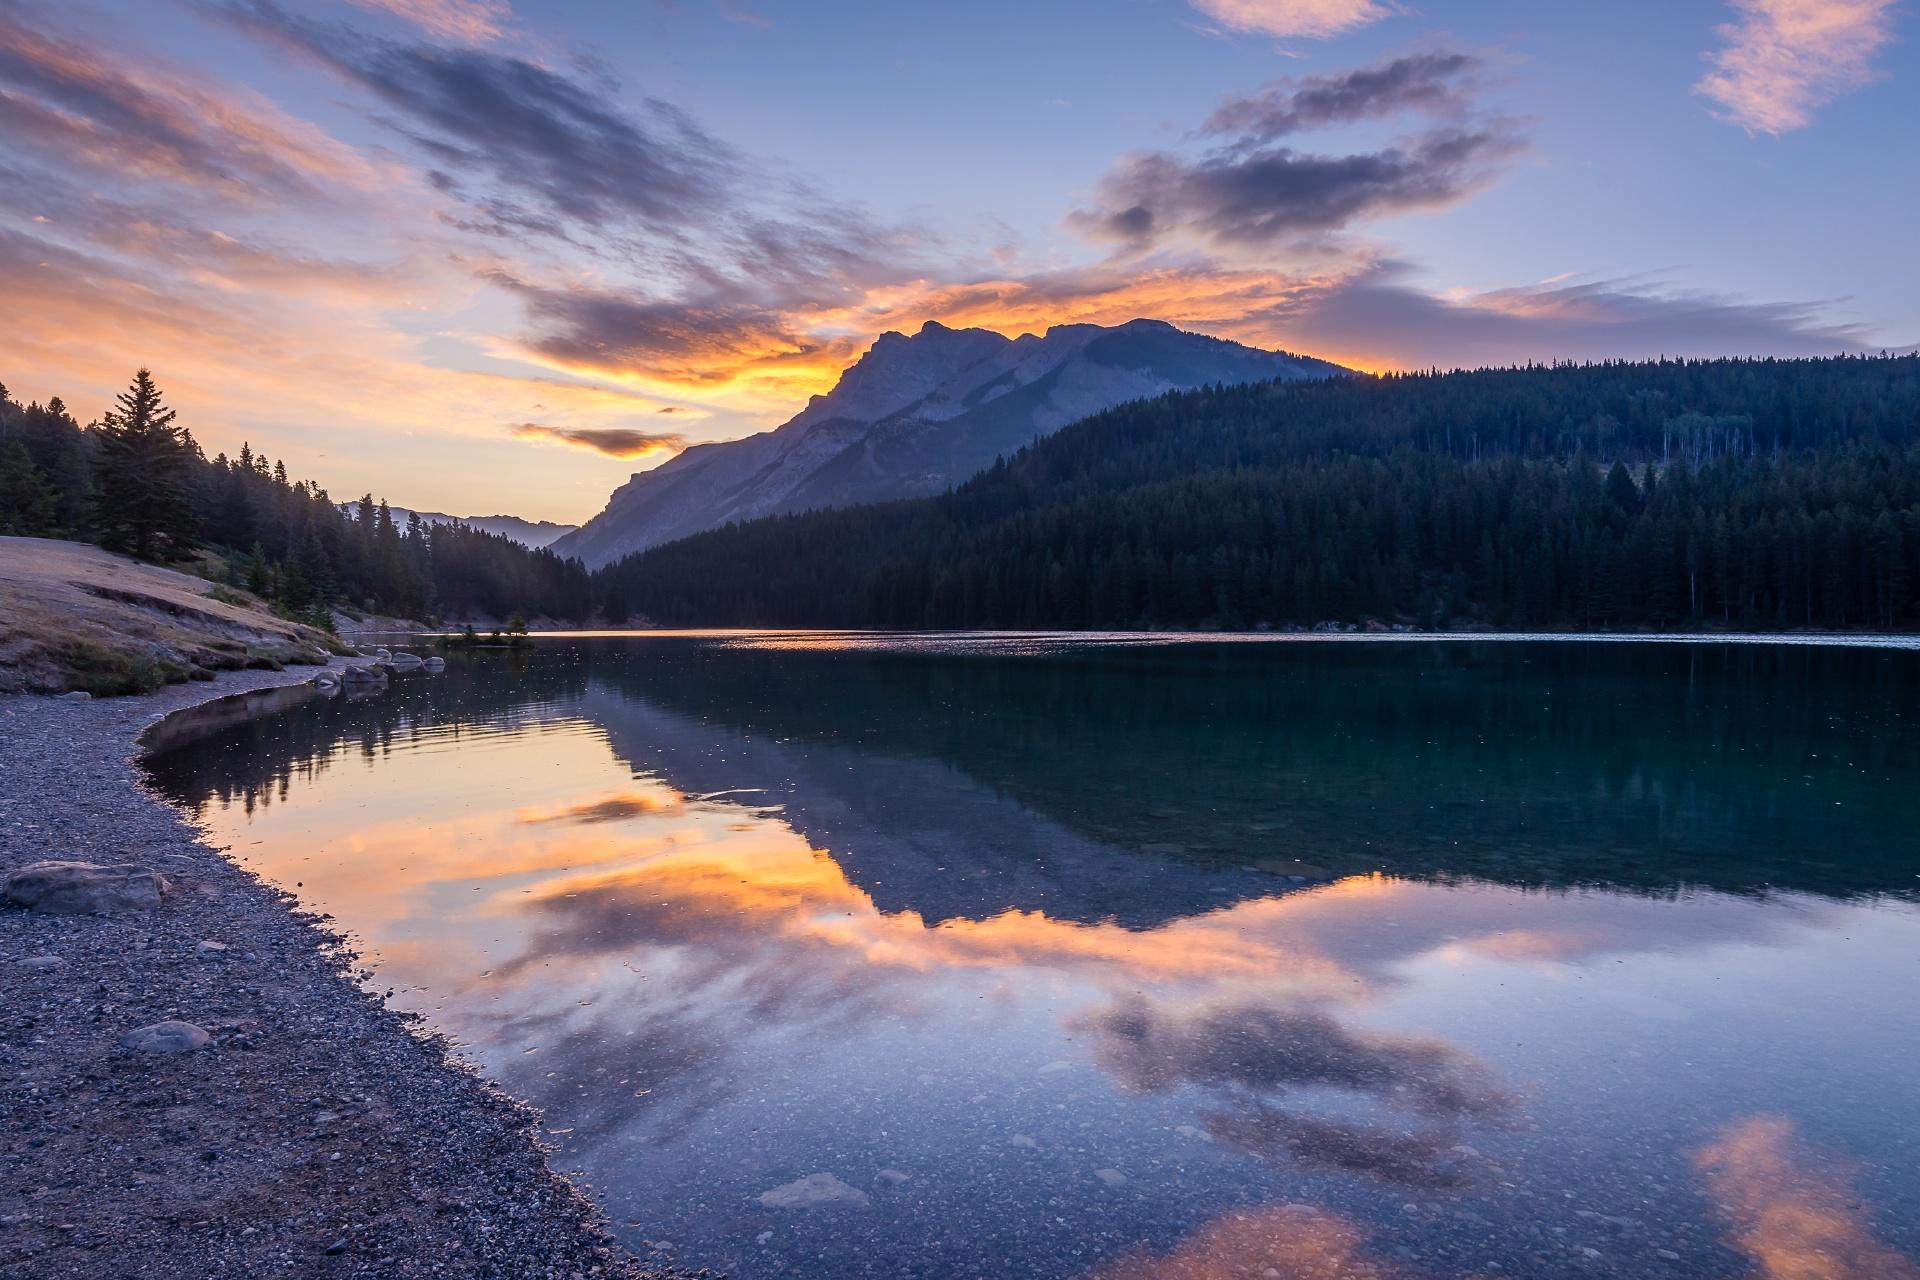 バンフ国立公園の風景 カナダの風景